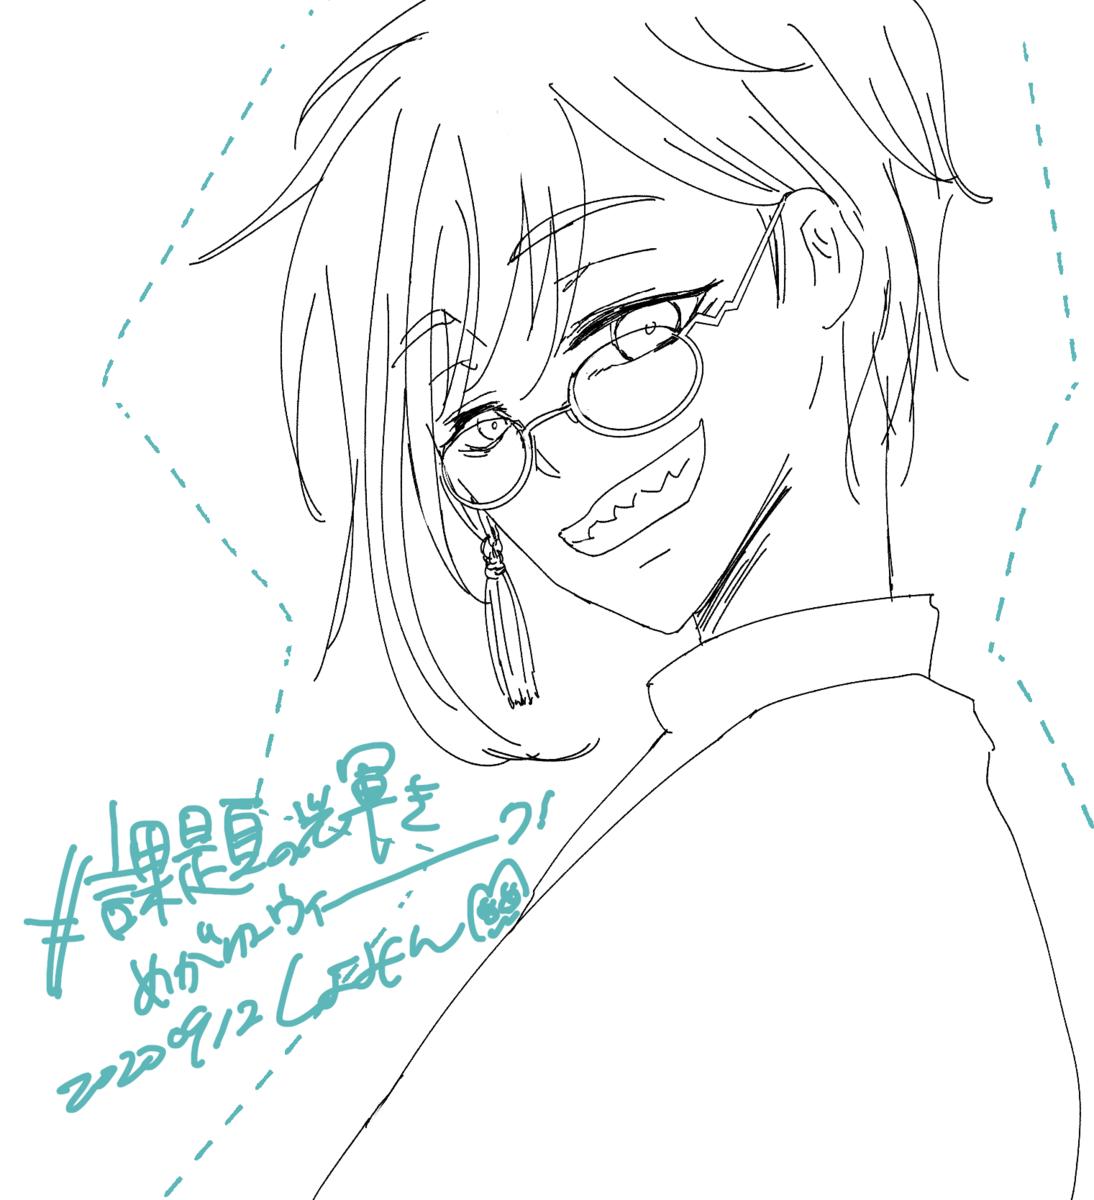 f:id:harucu_te:20200913214552p:plain